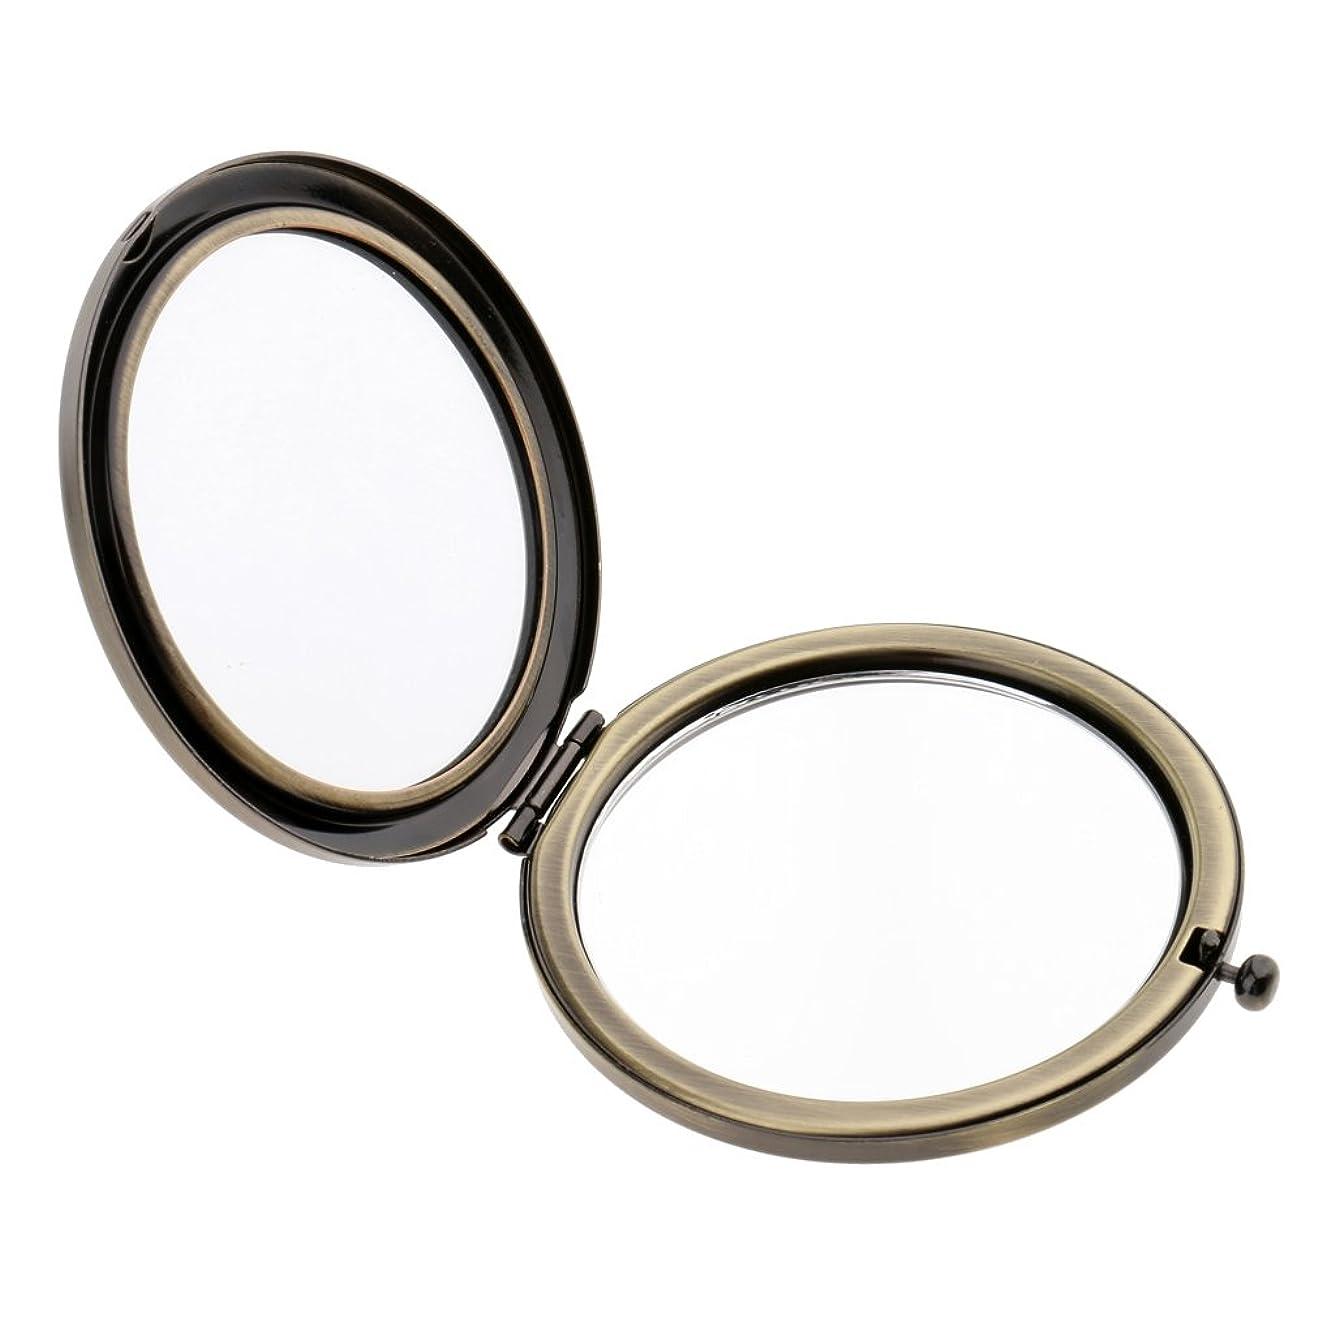 味方シャーロットブロンテニックネームgazechimp ポータブル 両面鏡 拡大鏡 メイクアップミラー